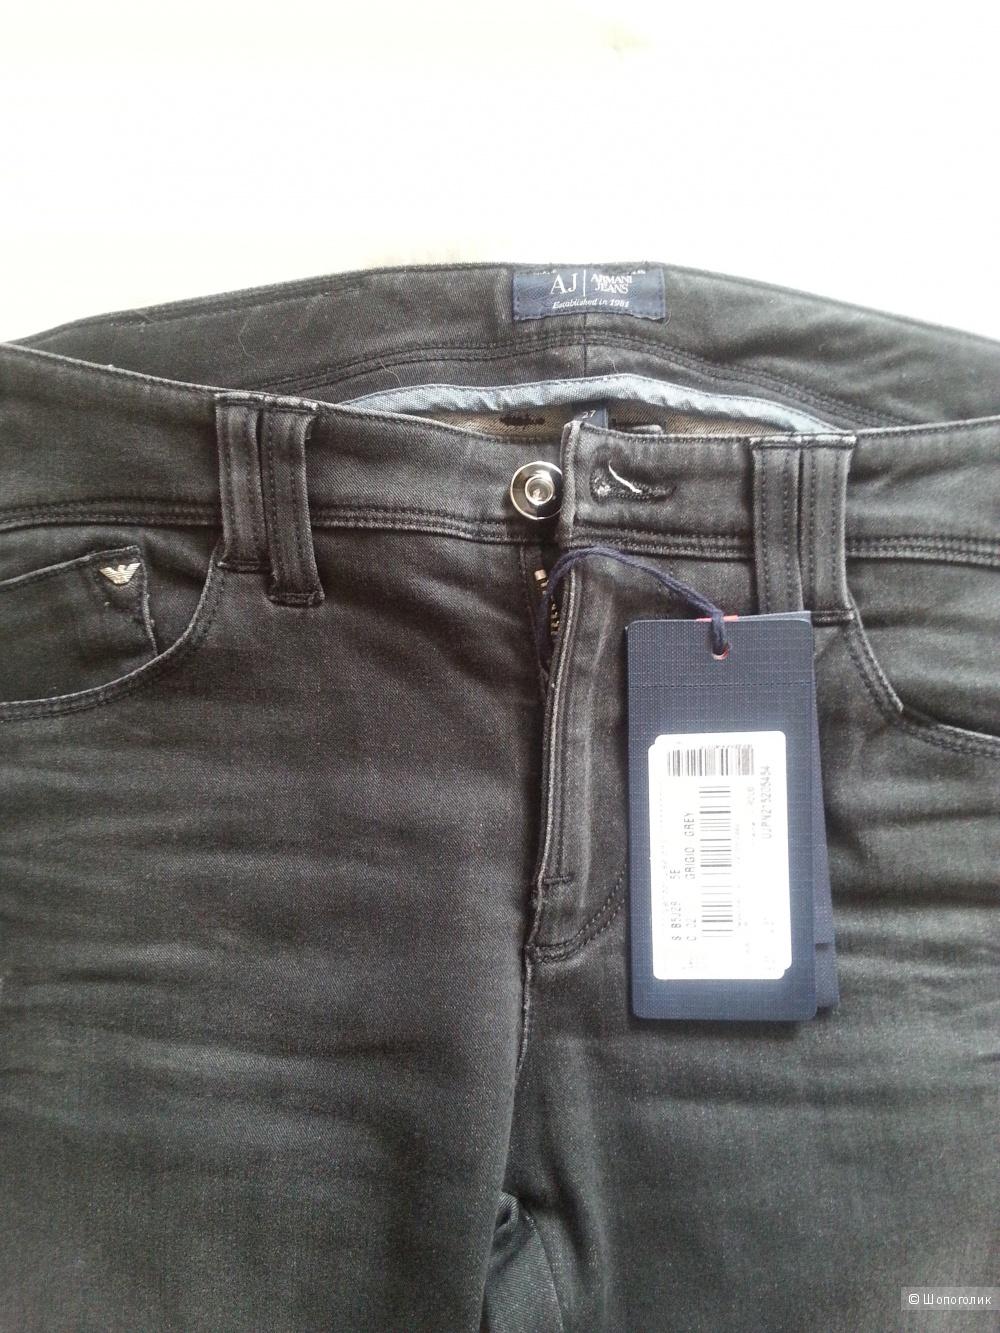 Джинсы Armani jeans размер 27